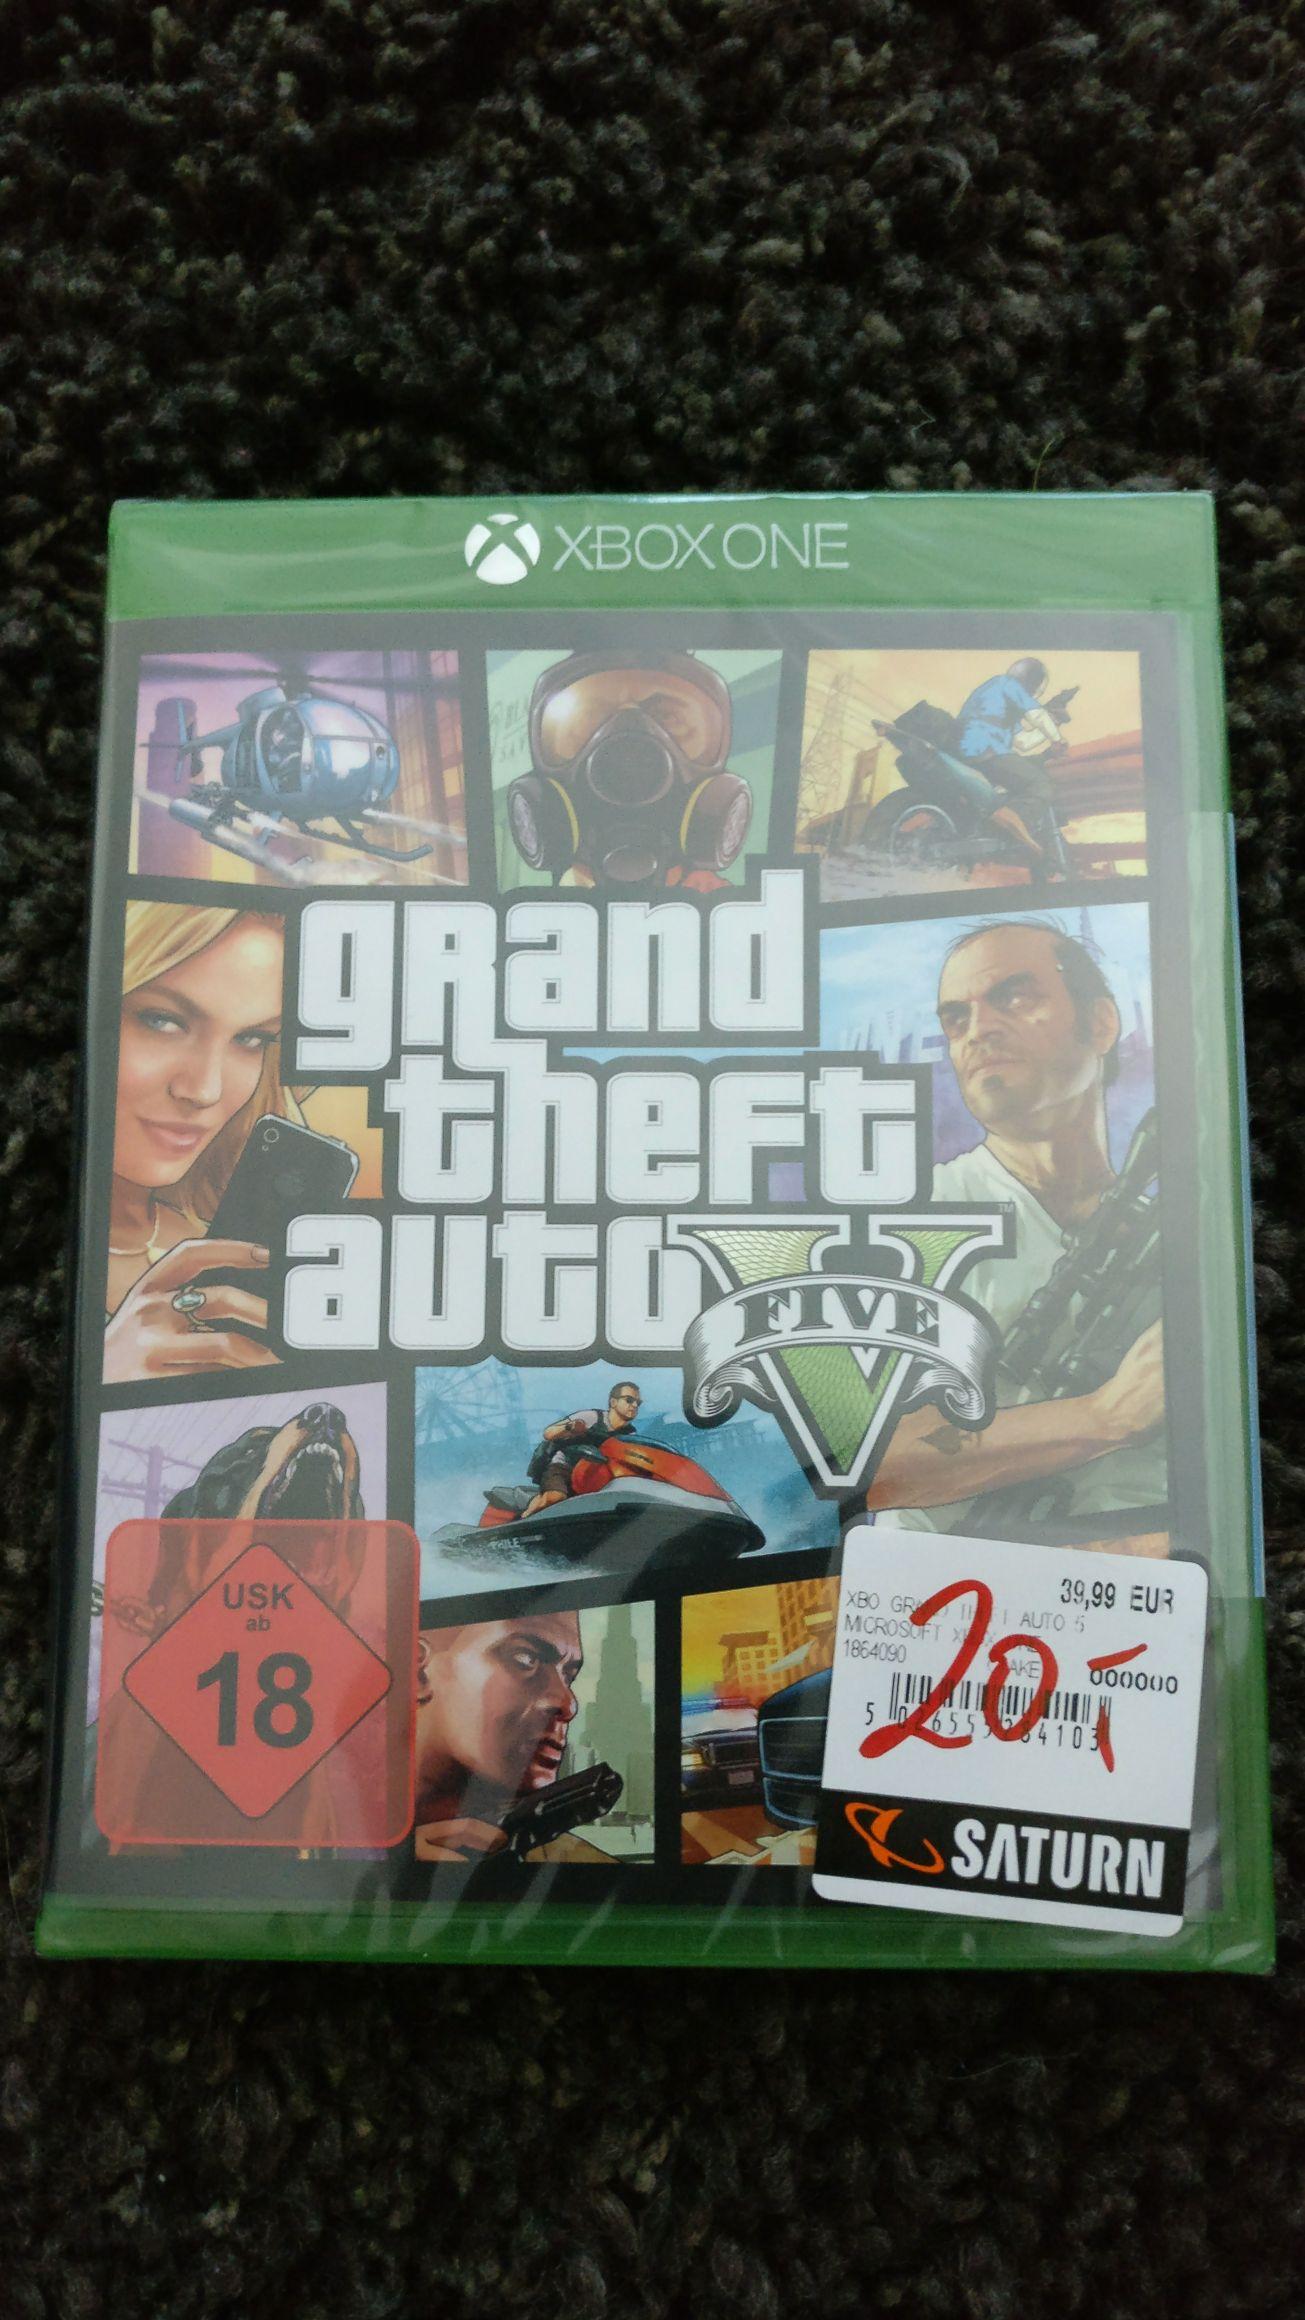 Lokal Saturn Berlin Gesundbrunnen GTA 5 für Xbox one fuer 20€